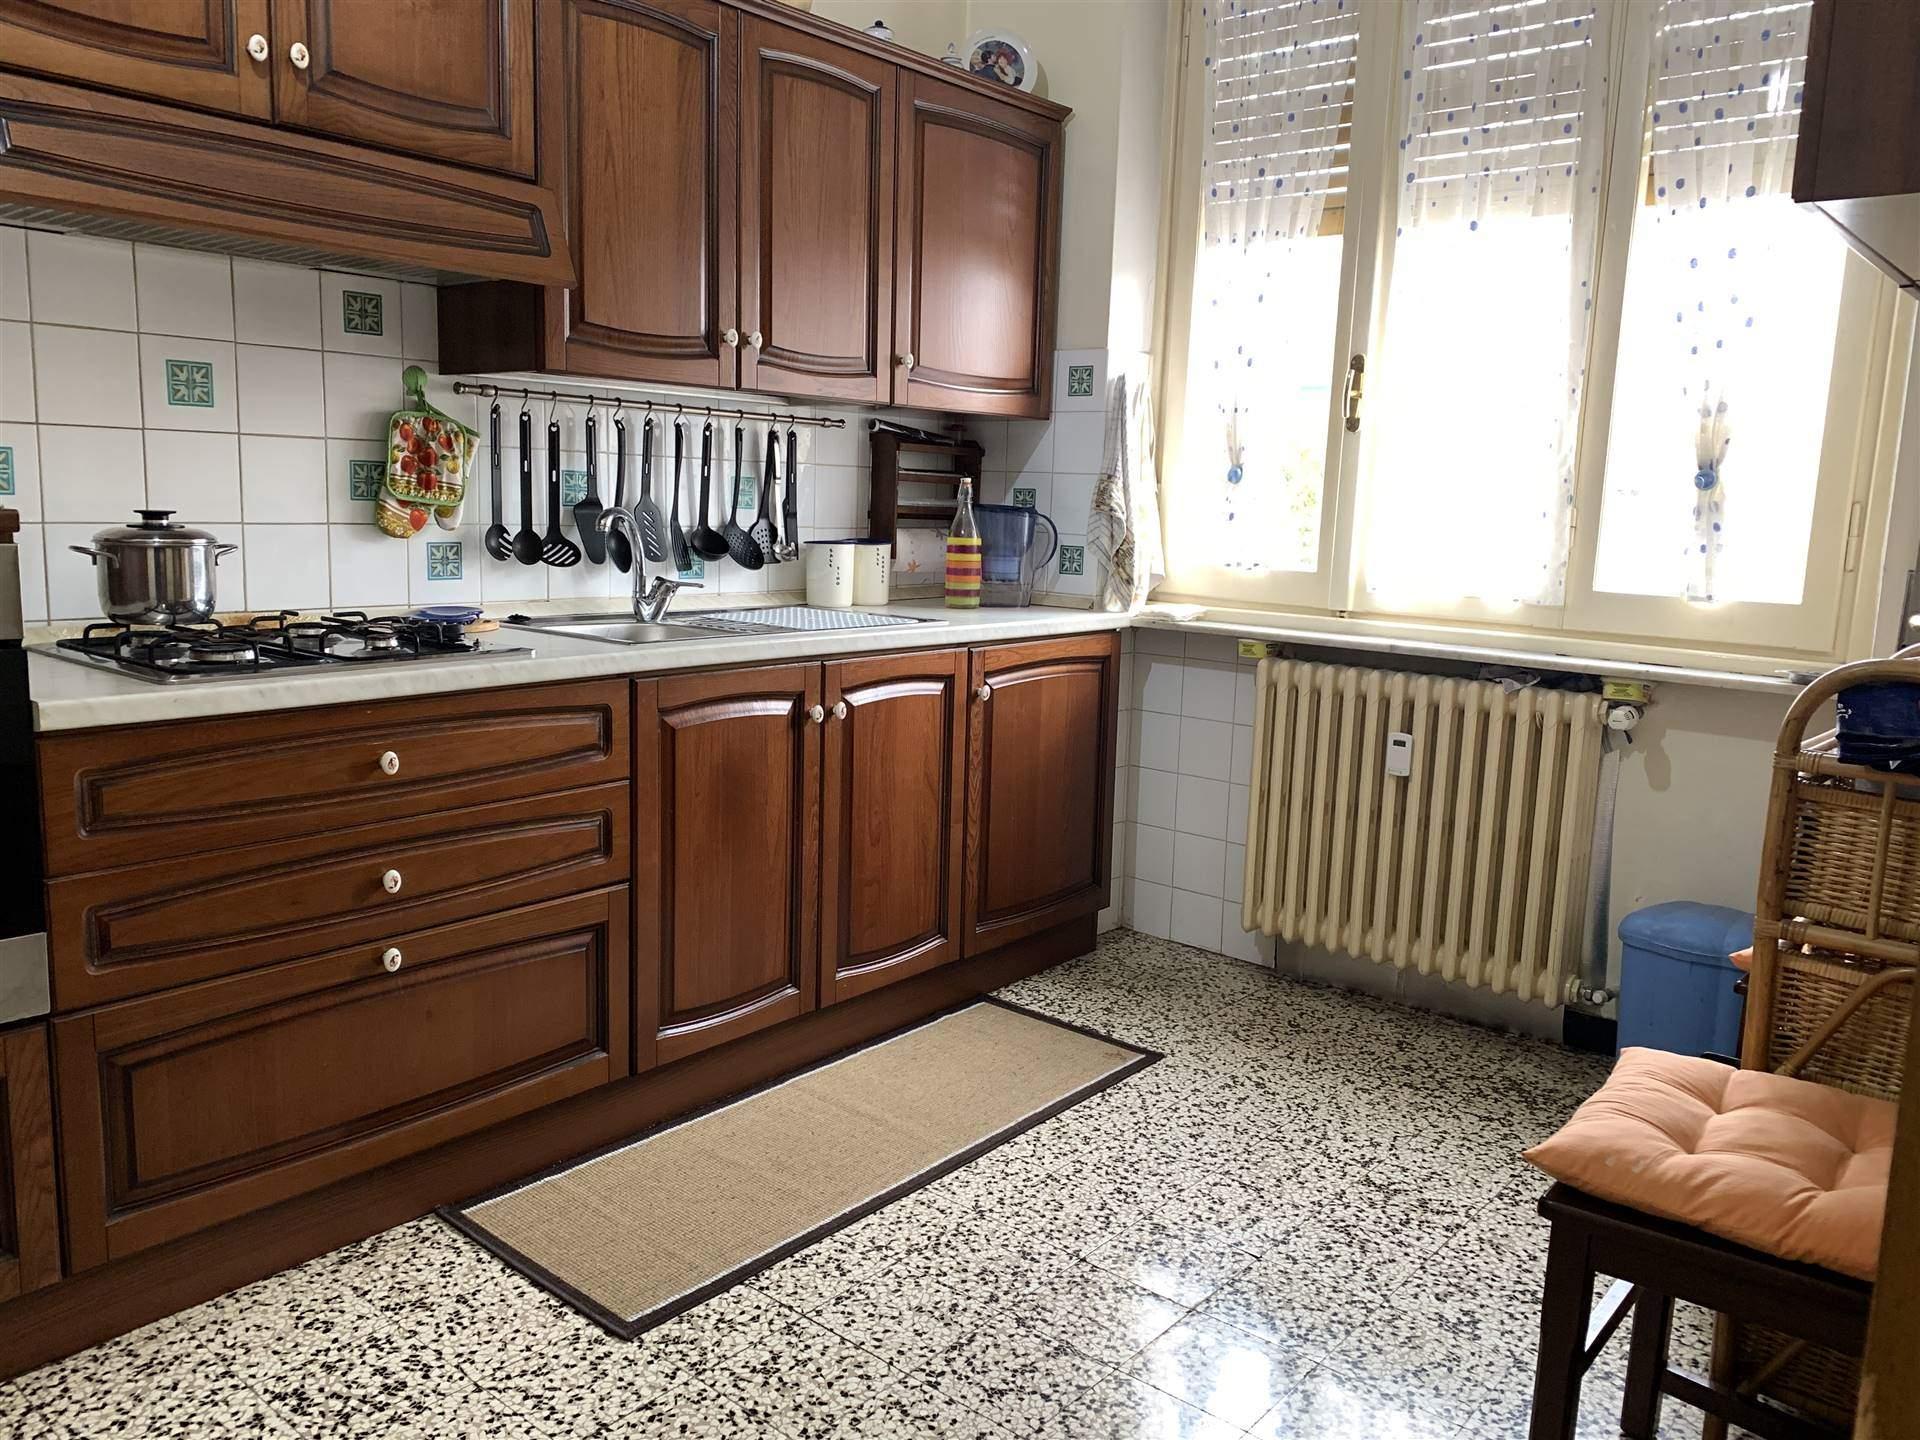 Appartamento in vendita a Novi Ligure, 5 locali, zona Località: VIA VERDI, CASERME, prezzo € 75.000 | CambioCasa.it